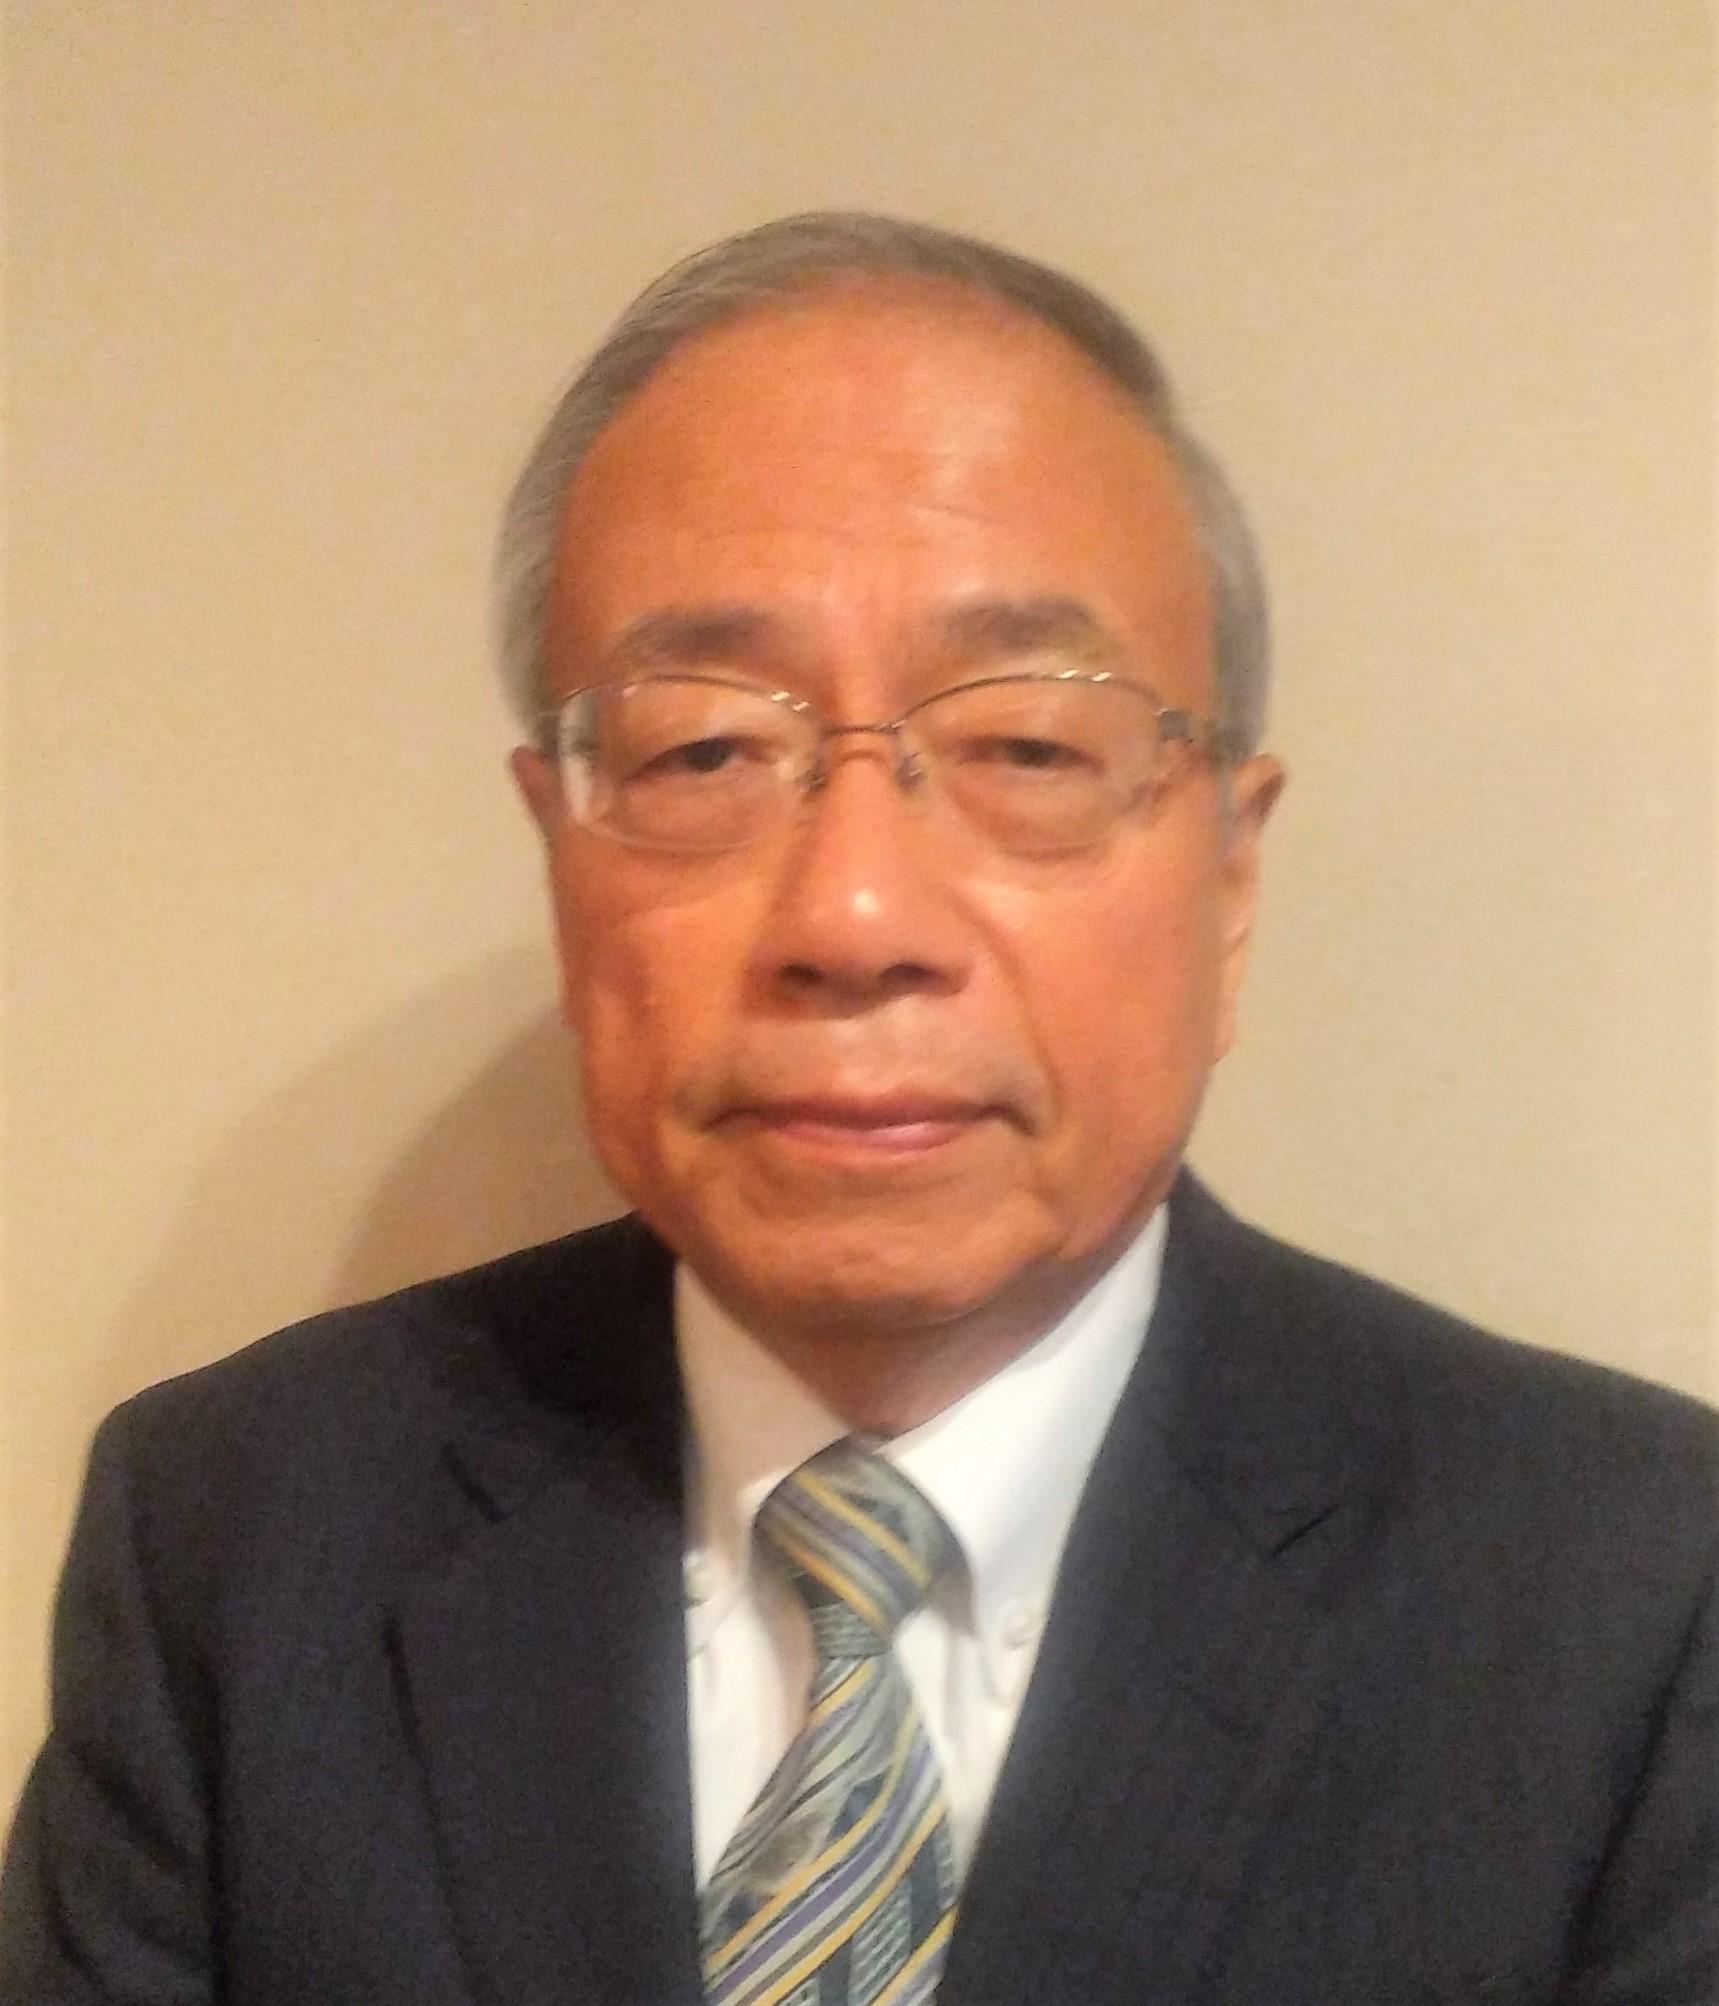 第97回ICB講演会:石田直裕氏「パラグアイとは。そして日本との関係」